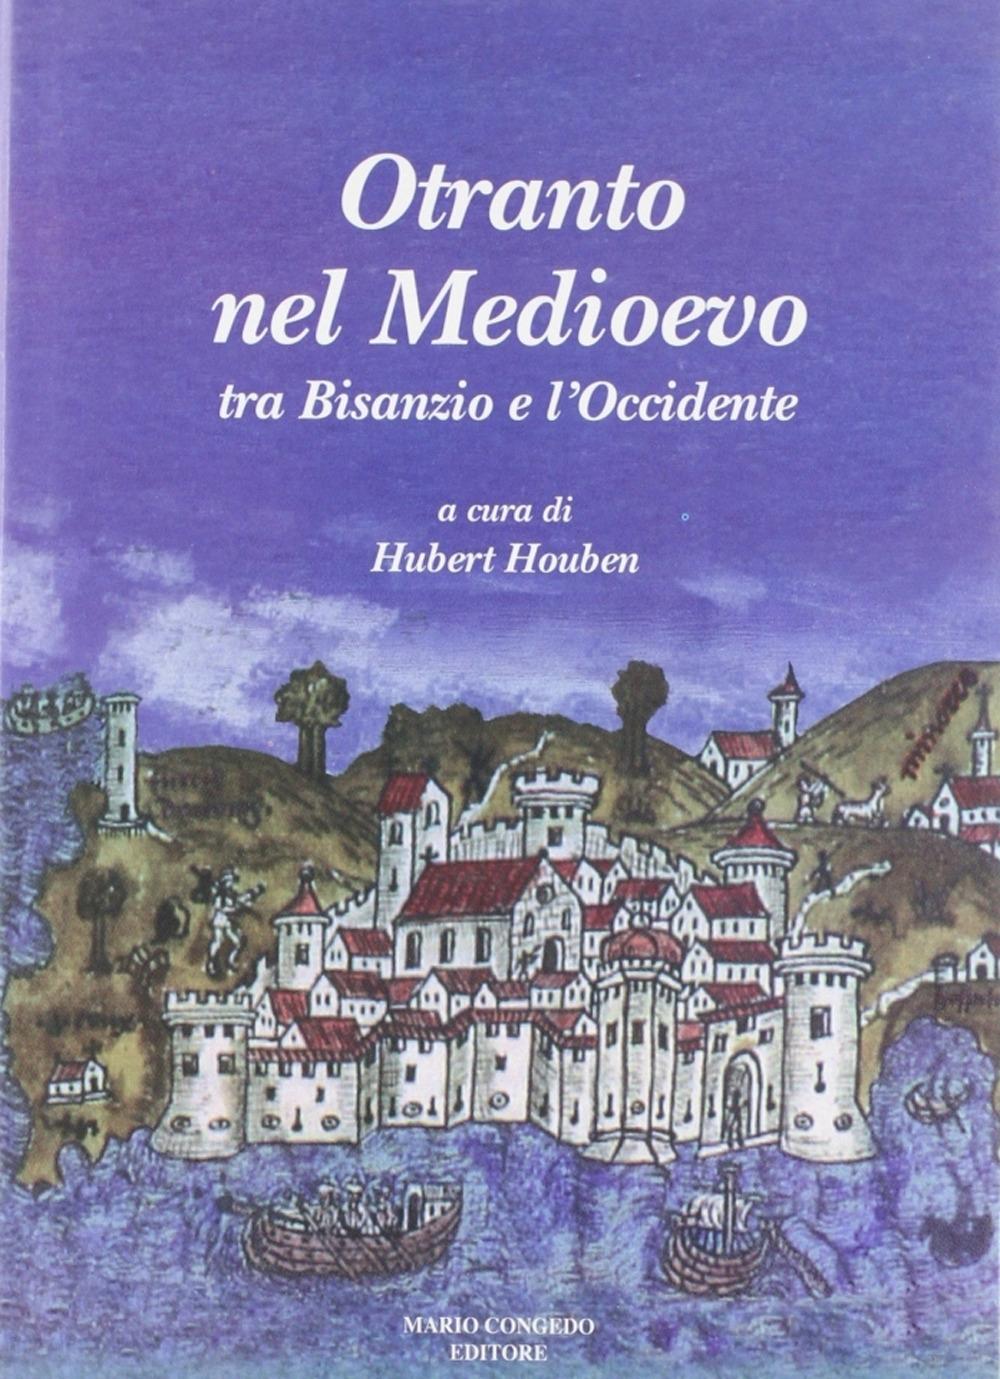 Otranto nel Medioevo. Tra Bisanzio e l'Occidente. Ediz. illustrata